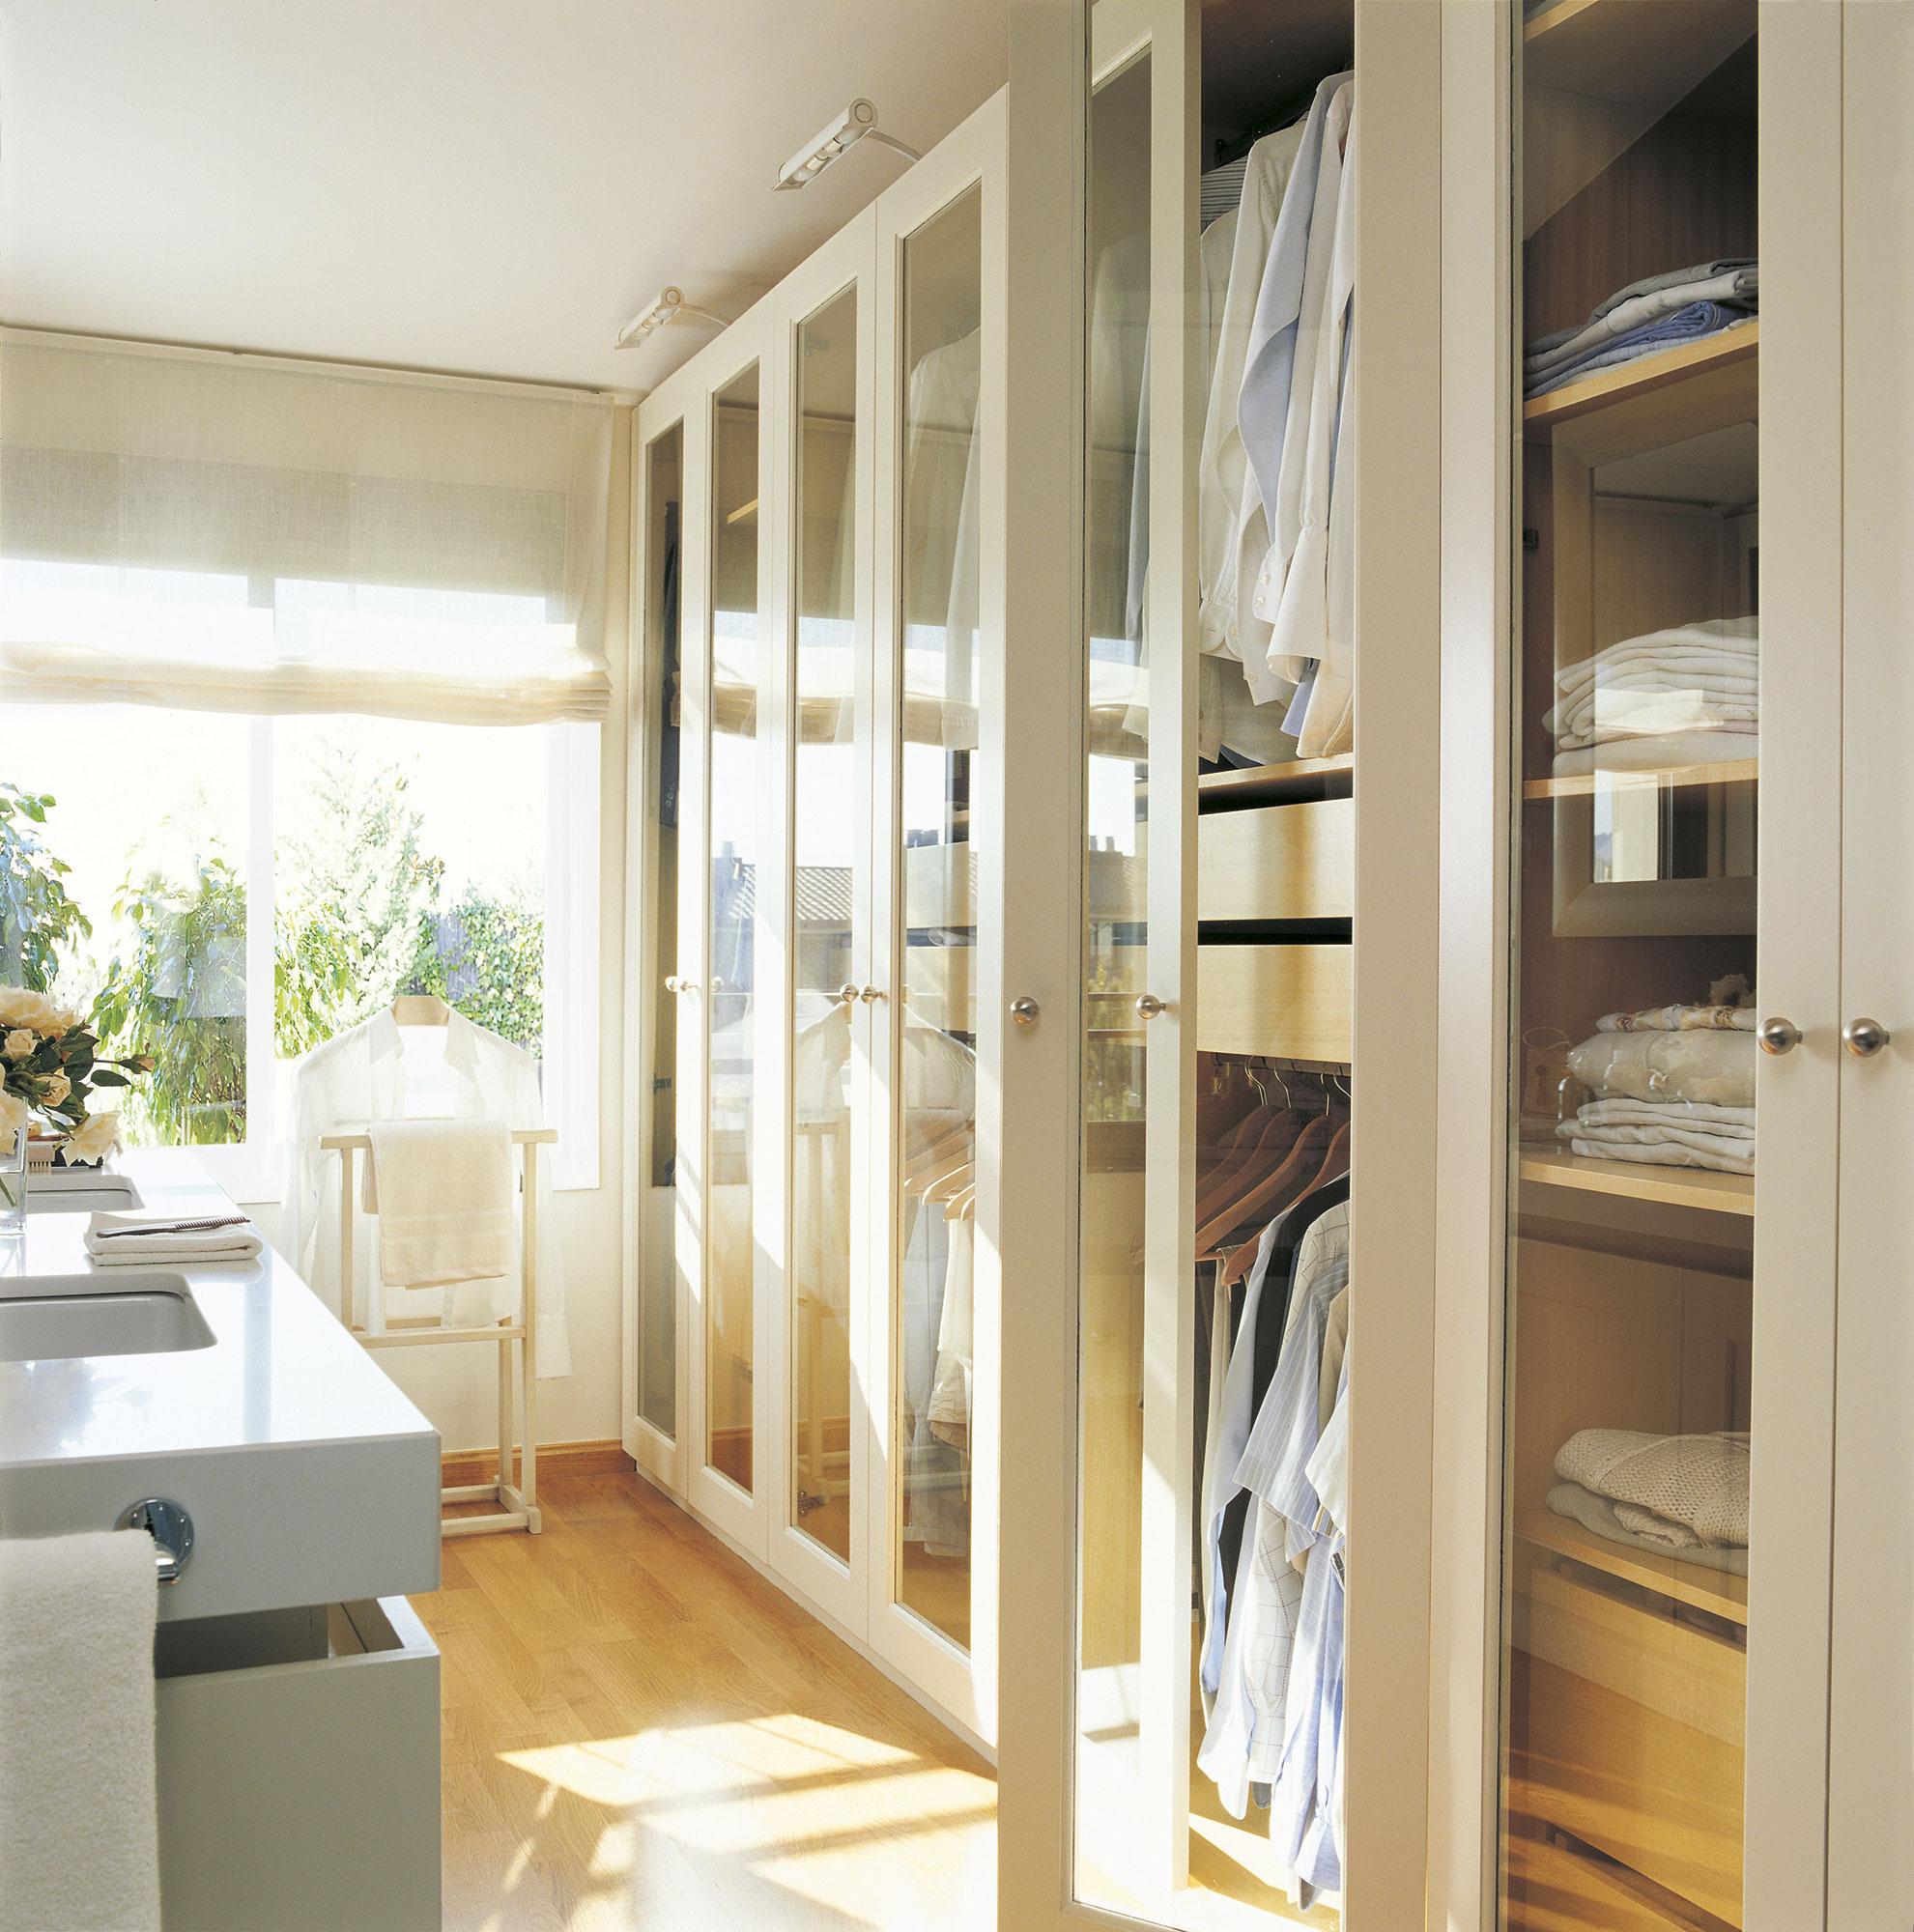 Armarios ordena mejor y duplica el espacio for Perchas blancas ikea